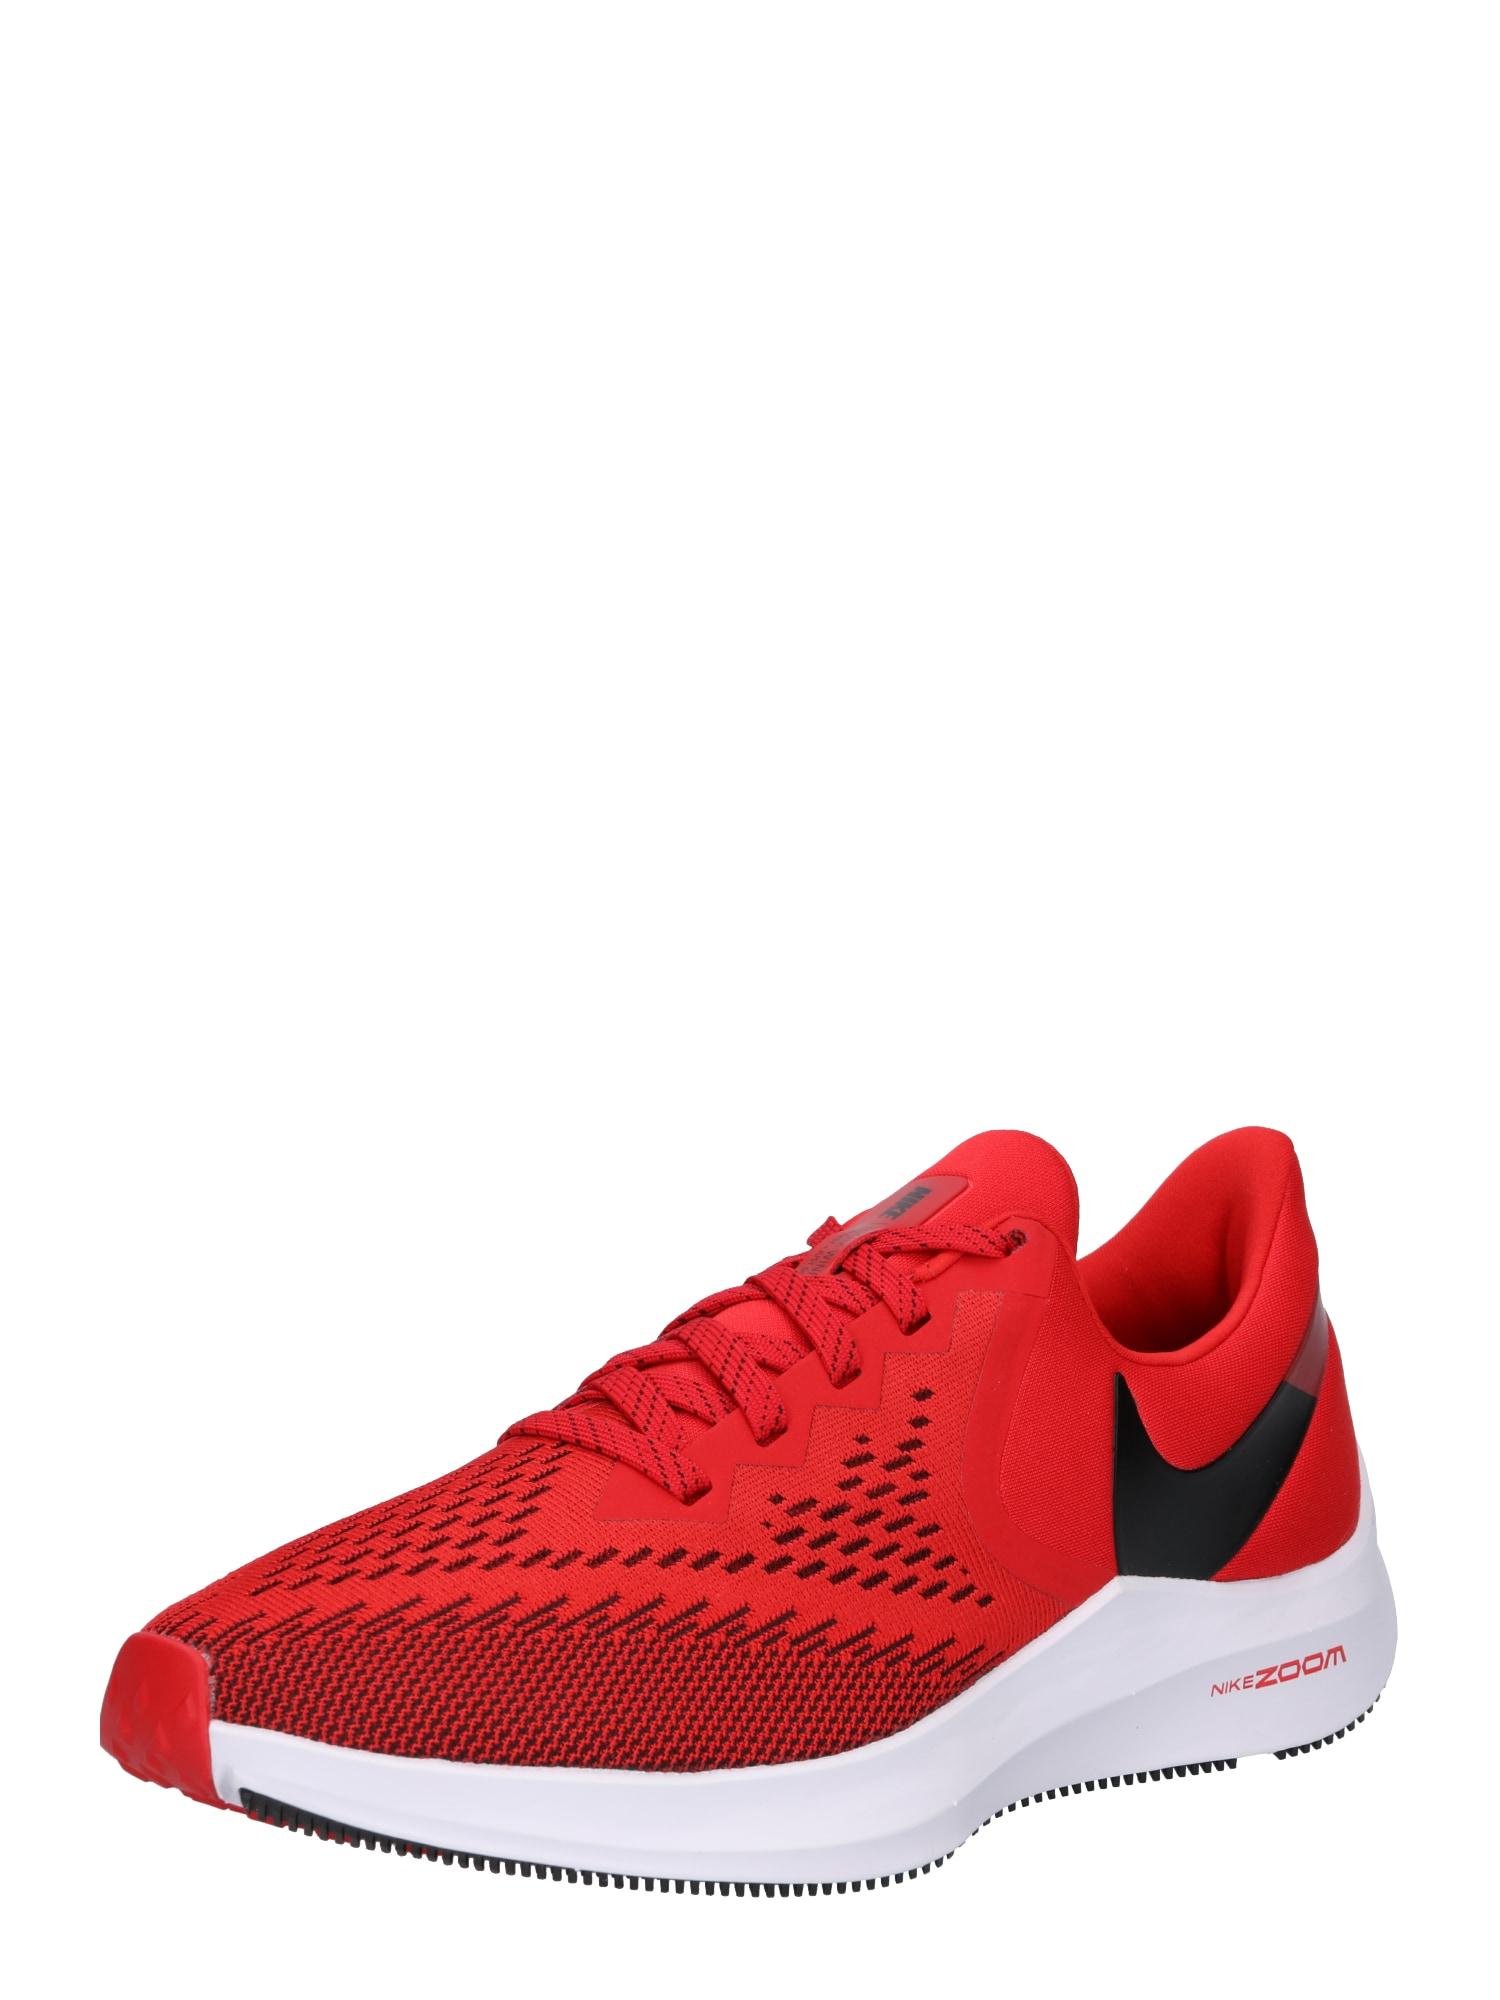 Běžecká obuv Nike Air Zoom Winflo 6 červená černá NIKE